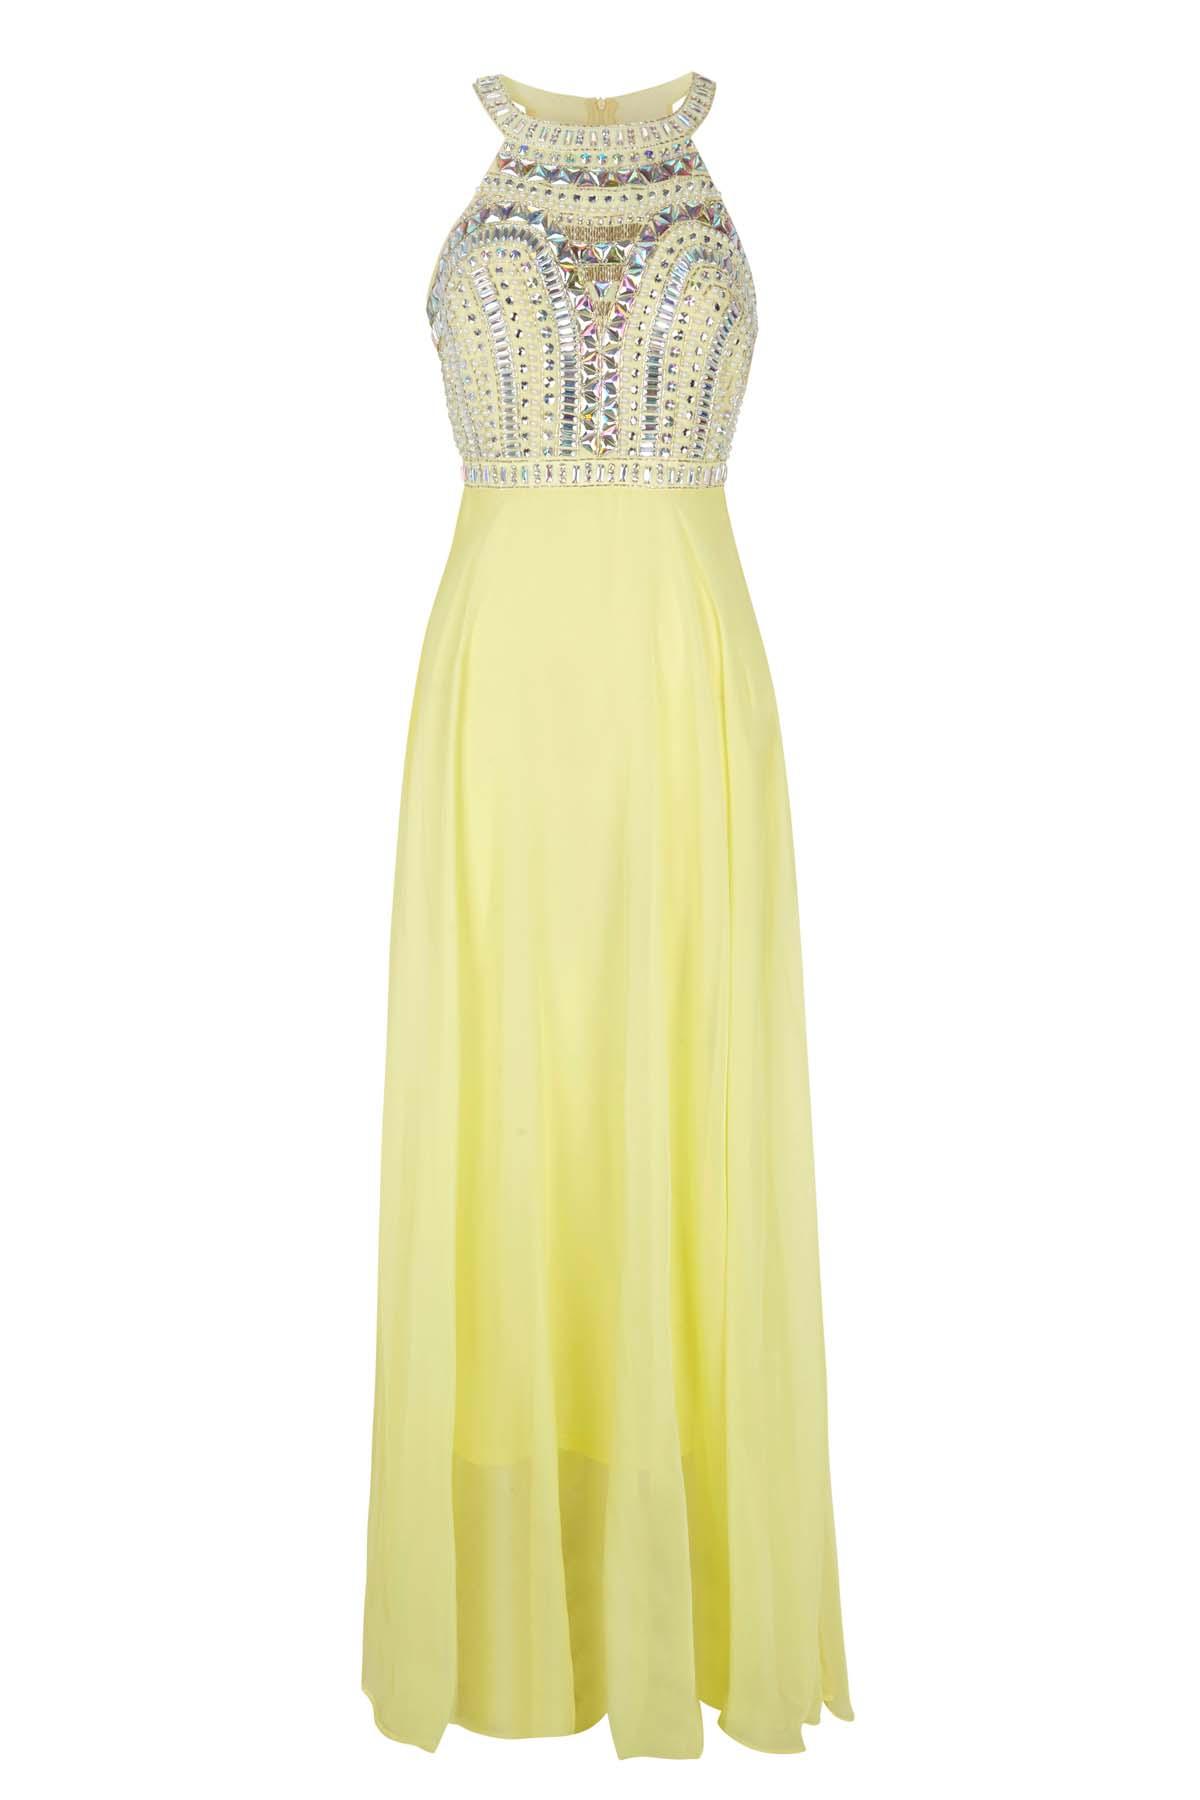 Teria Yabar -  Vestido amarillo con Pedrería